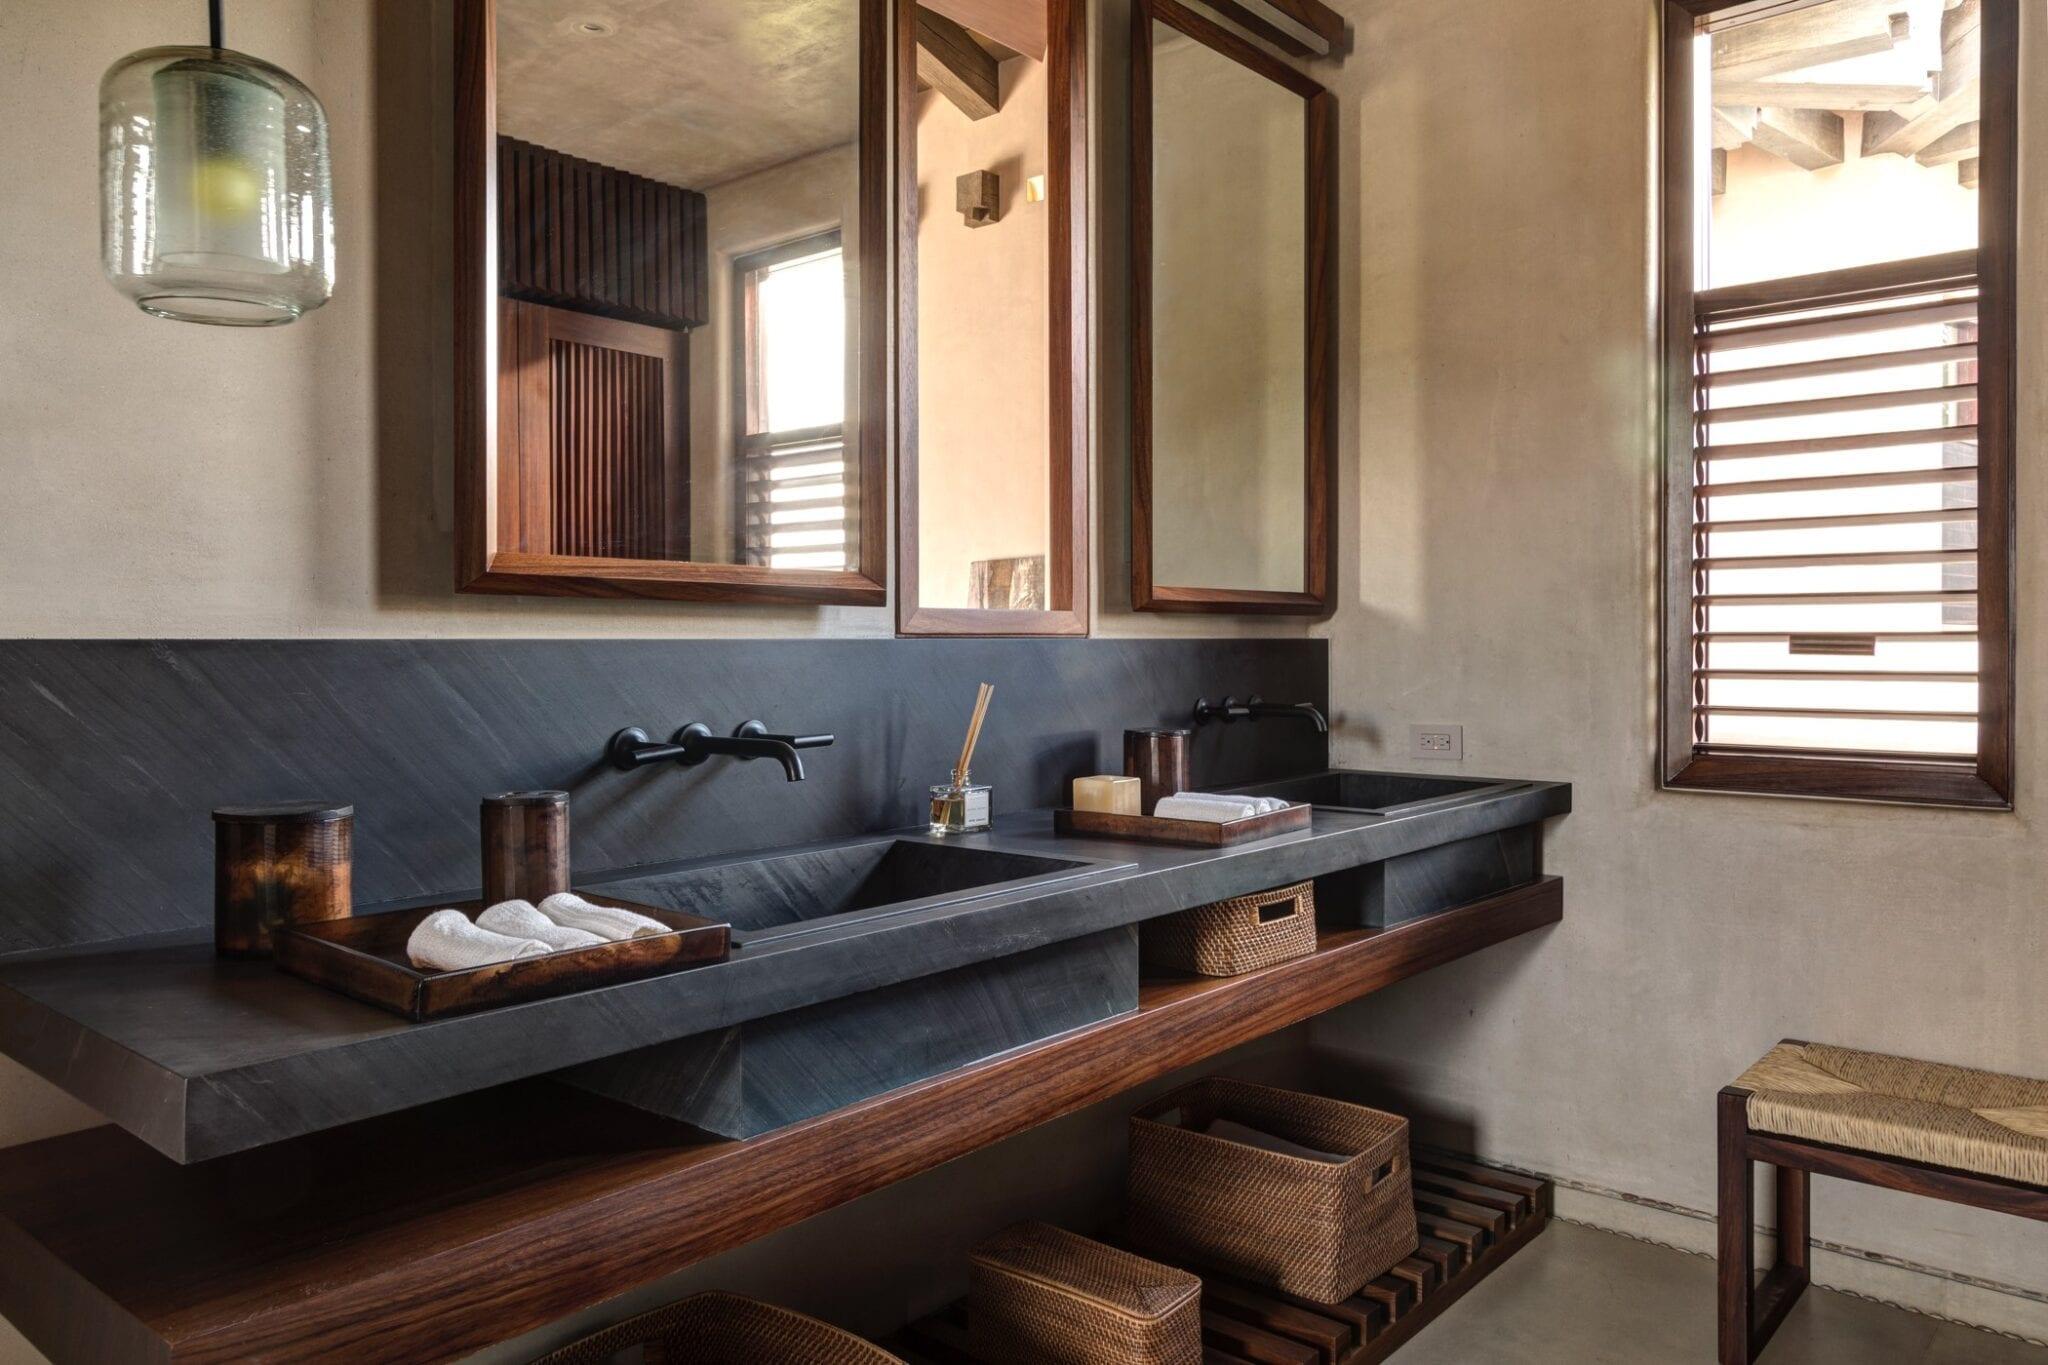 Casa Koko Bath